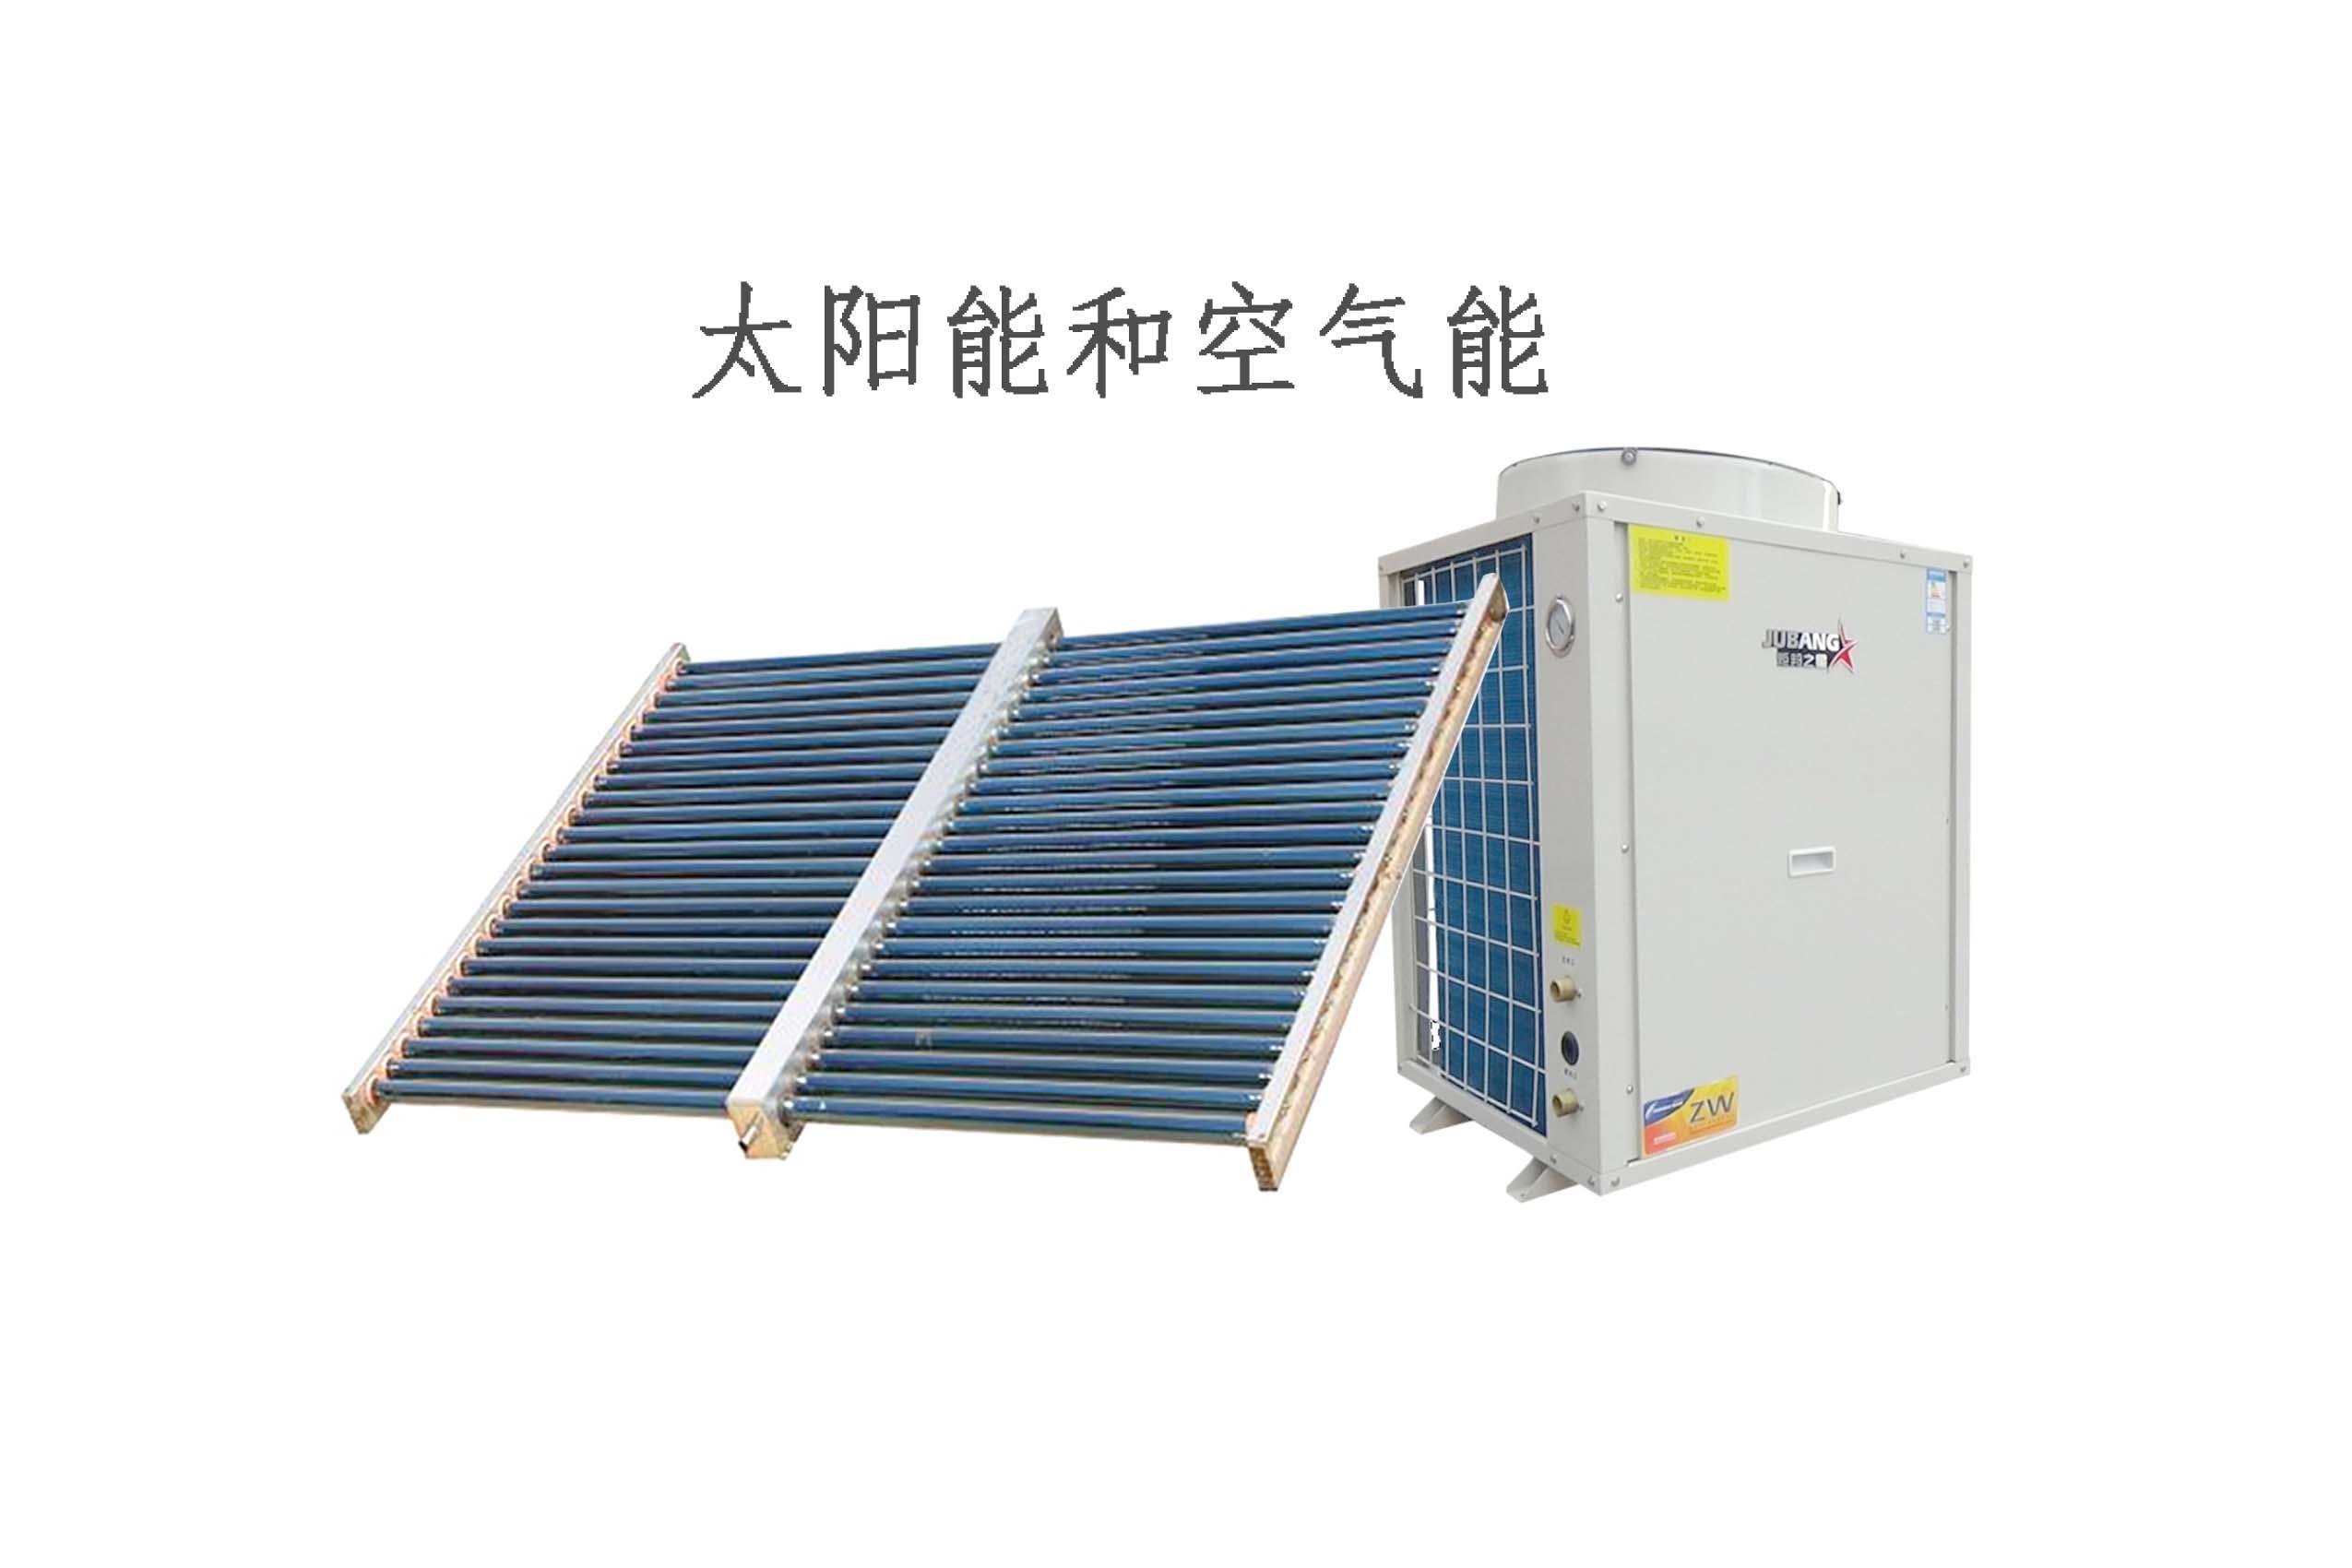 空气能和太阳能热水器